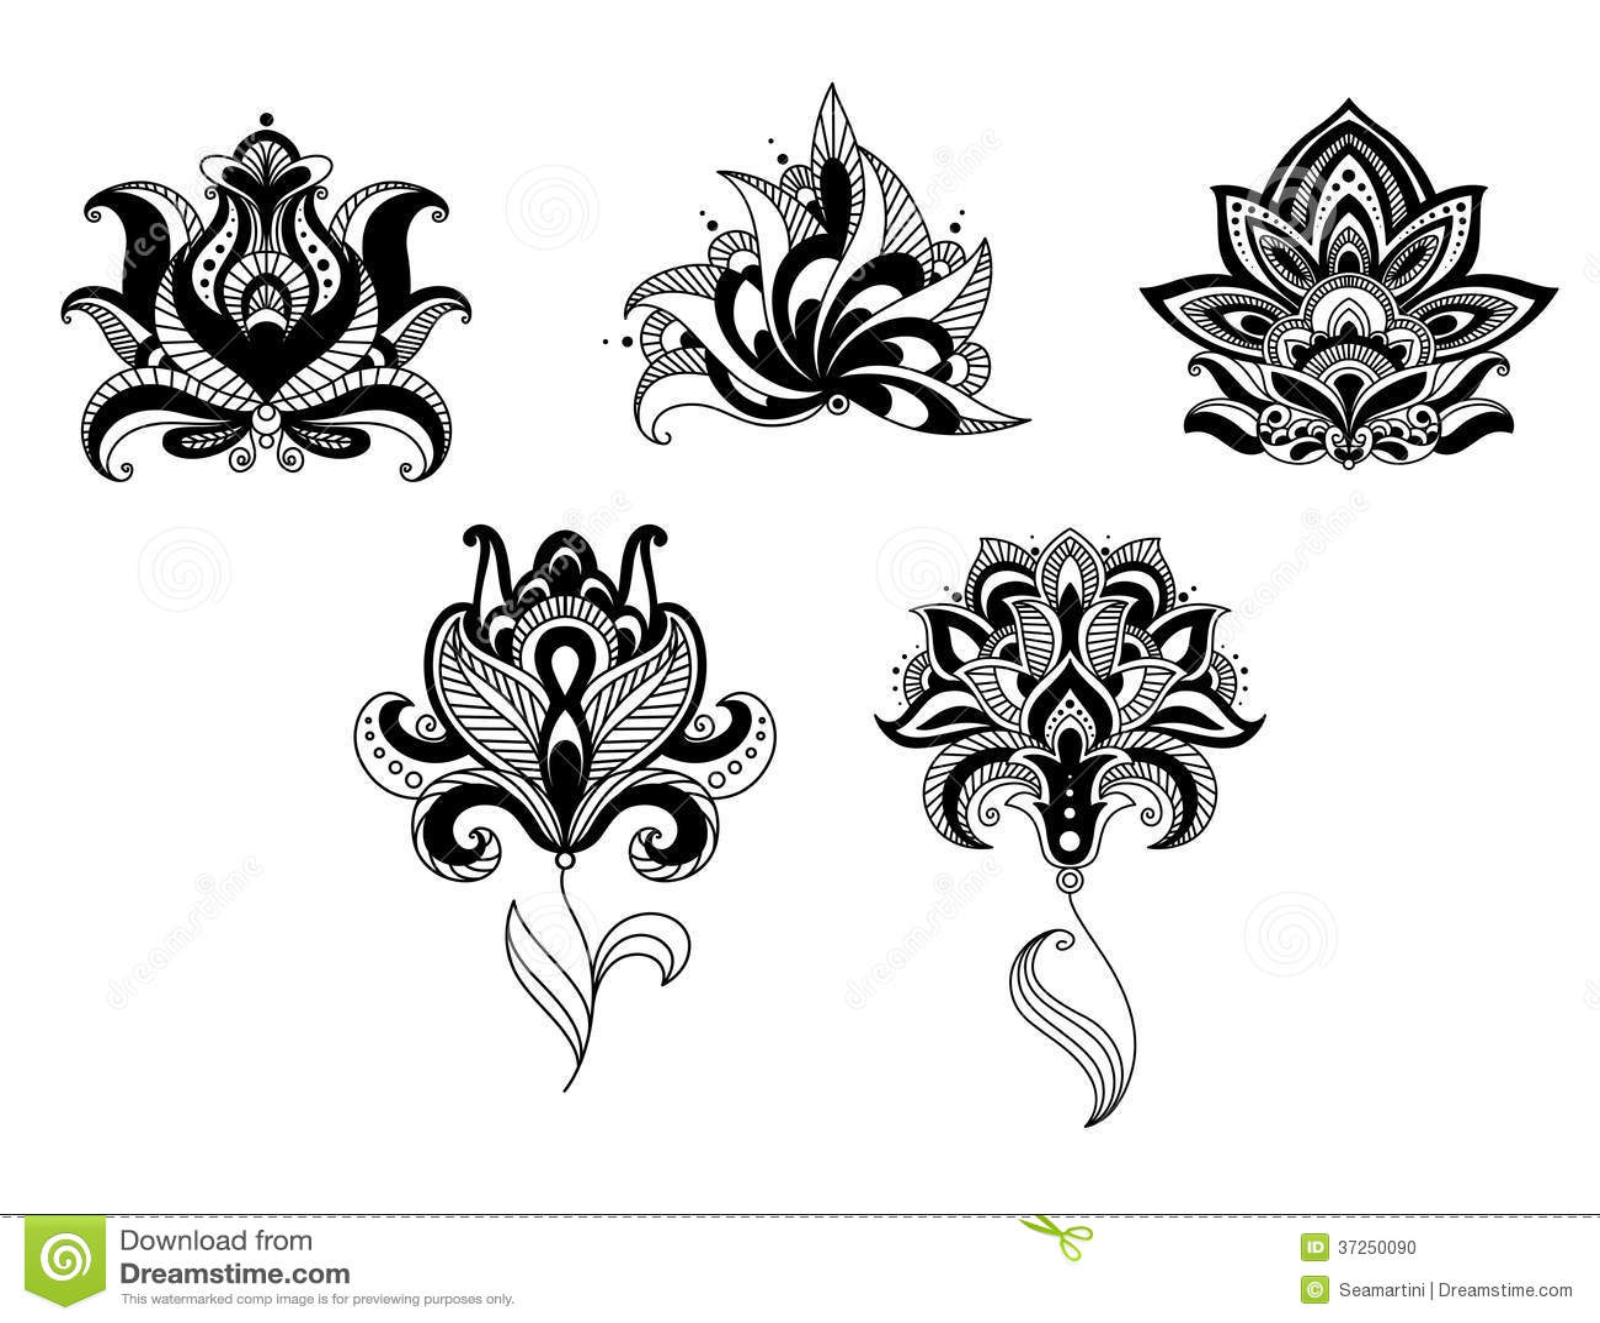 Индийские узоры и орнаменты для тату